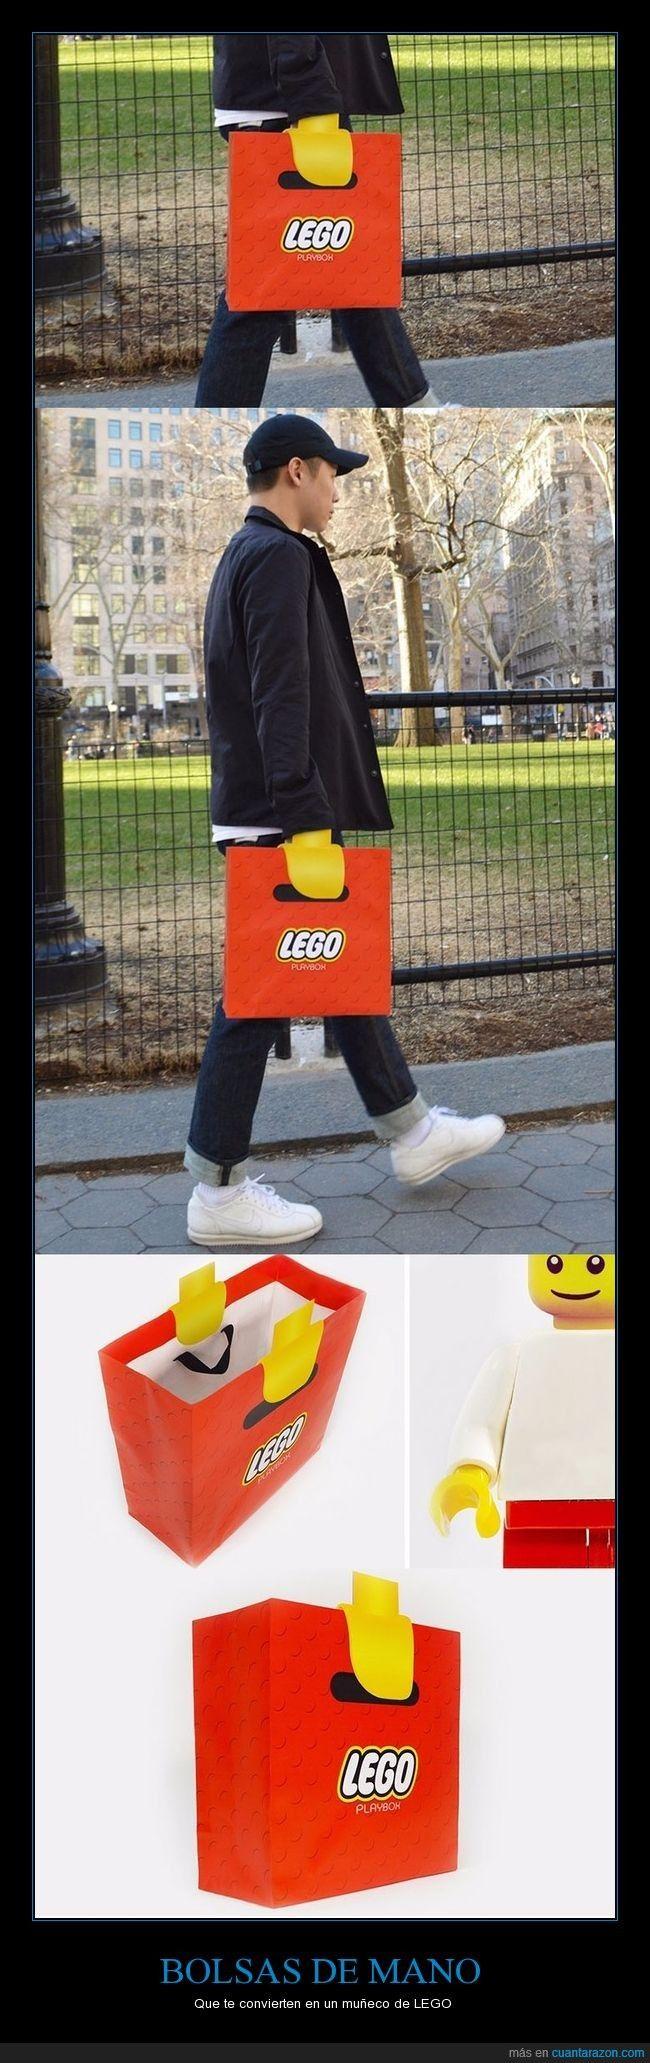 Lego ha creado estas bolsas que te convierten tus manos en manos de muñeco LEGO - Que te convierten en un muñeco de LEGO   Gracias a http://www.cuantarazon.com/   Si quieres leer la noticia completa visita: http://www.estoy-aburrido.com/lego-ha-creado-estas-bolsas-que-te-convierten-tus-manos-en-manos-de-muneco-lego-que-te-convierten-en-un-muneco-de-lego/